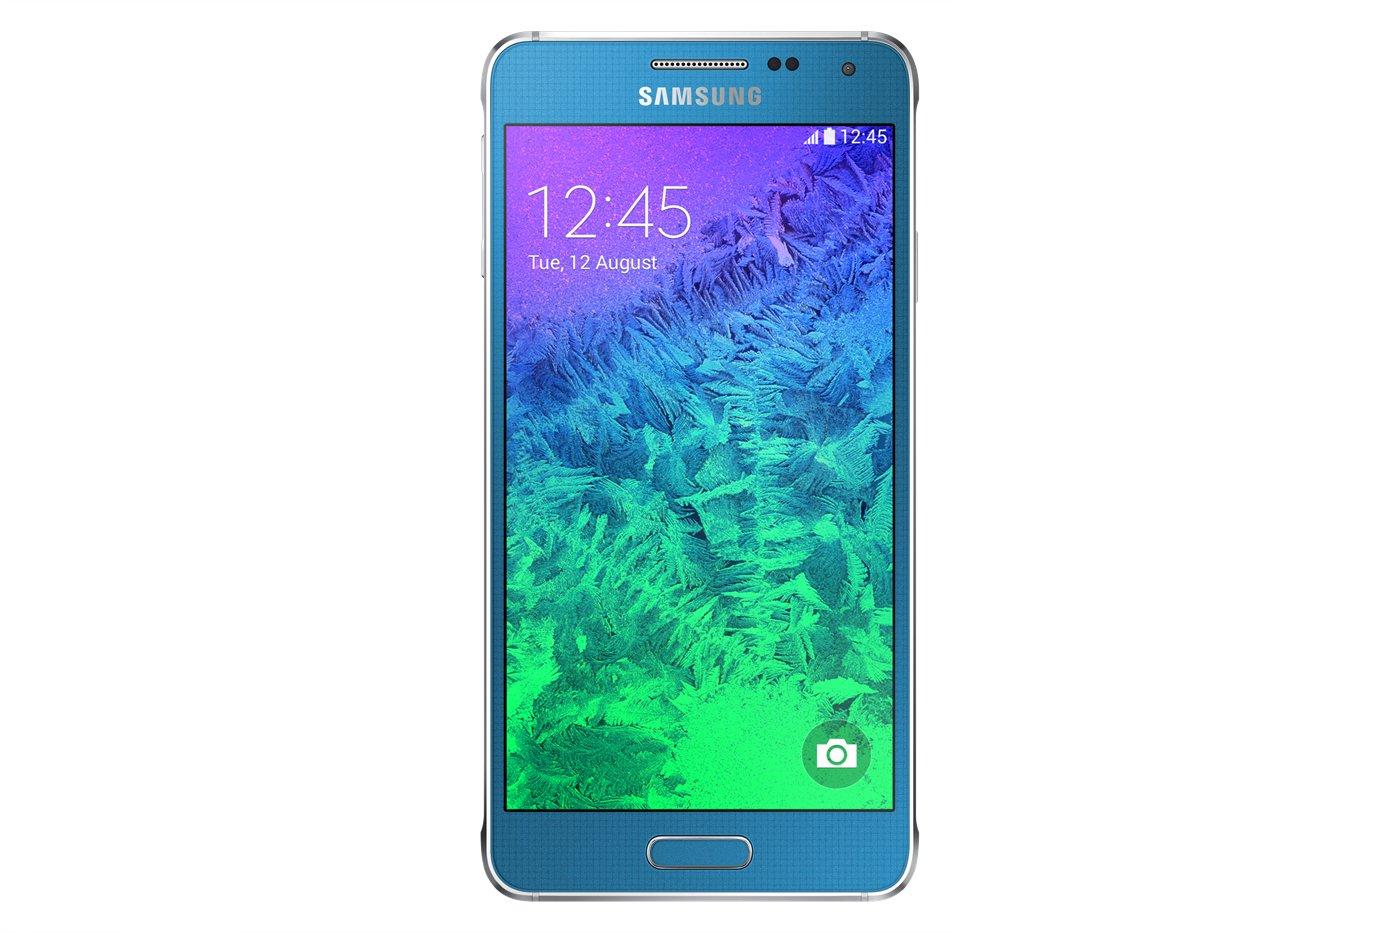 Samsung Galaxy Alpha (11,90 cm (4,7 Zoll)